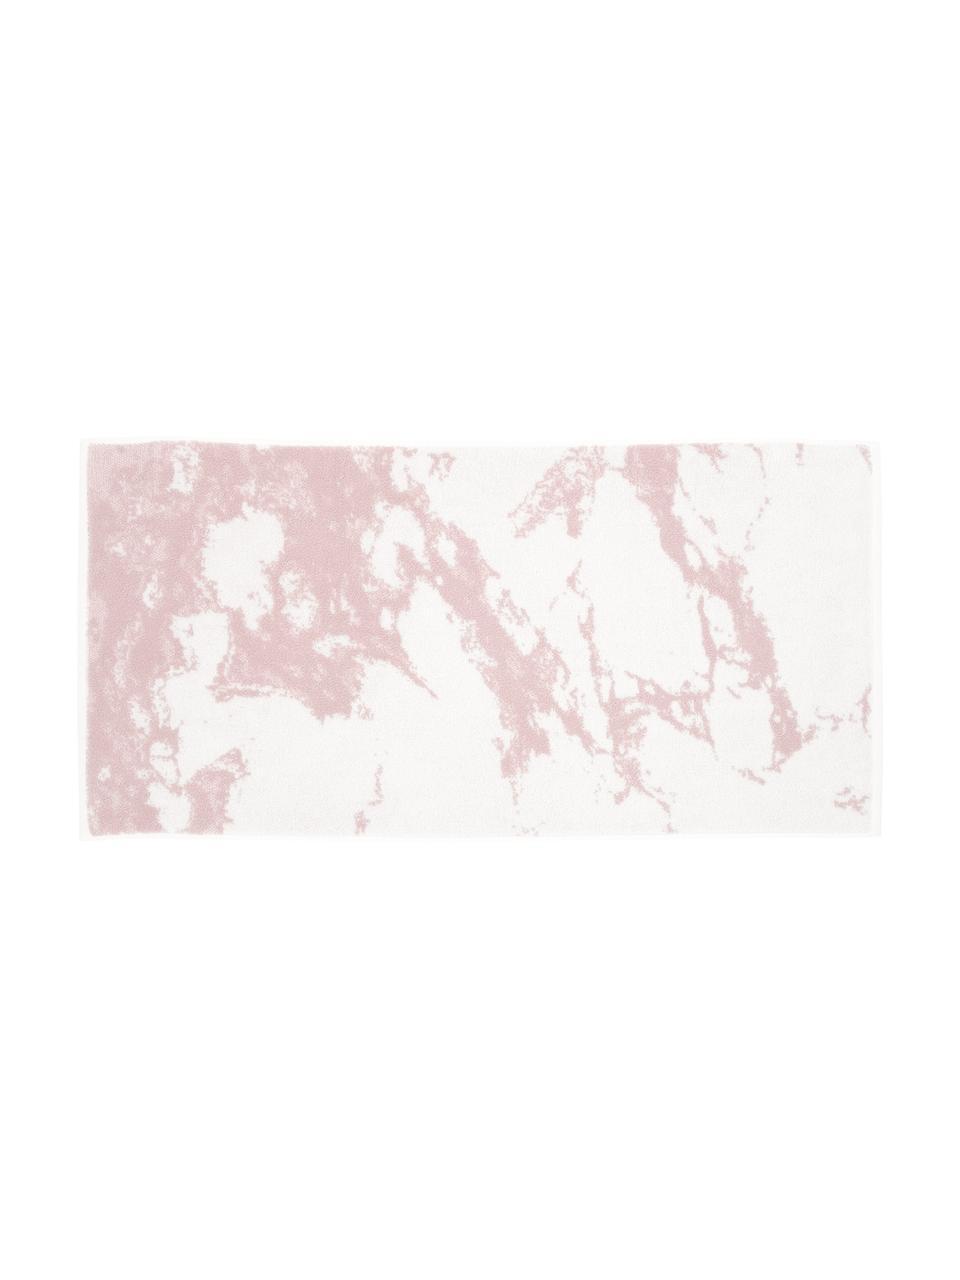 Handdoekenset Malin met marmer-print, 3-delig, Roze, crèmewit, Set met verschillende formaten